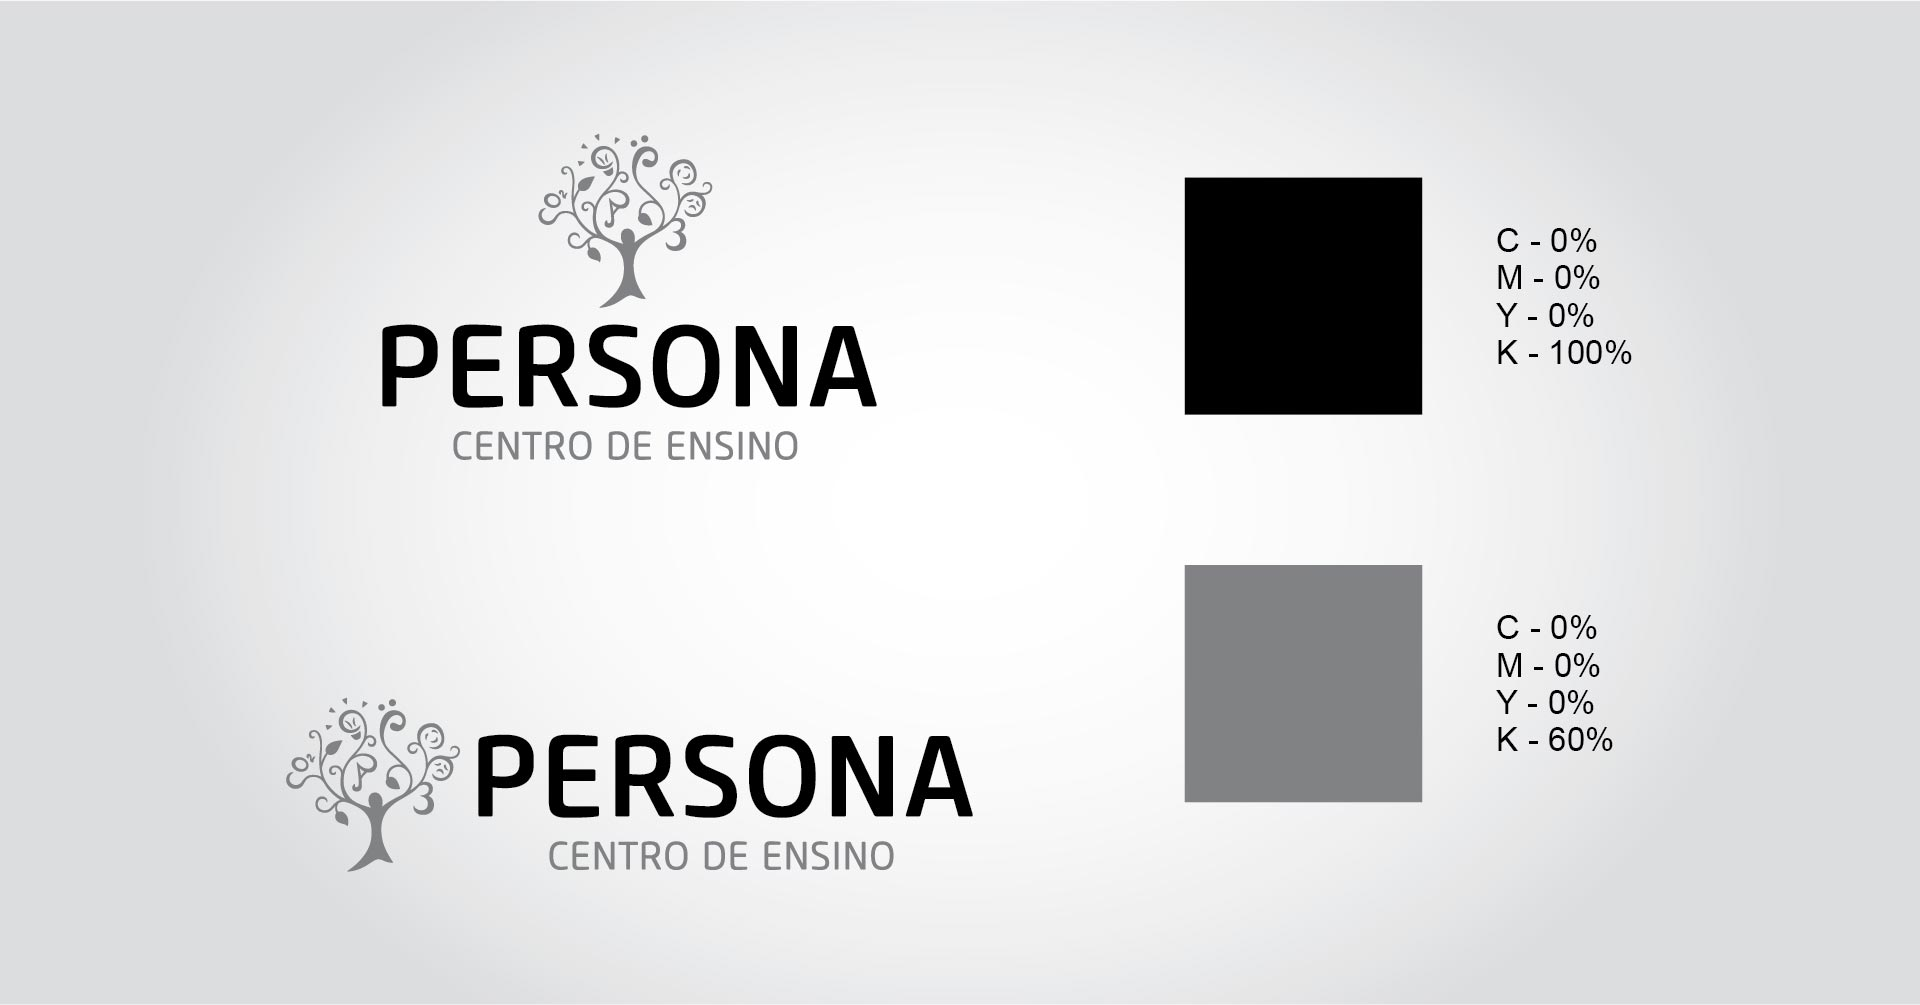 persona-02